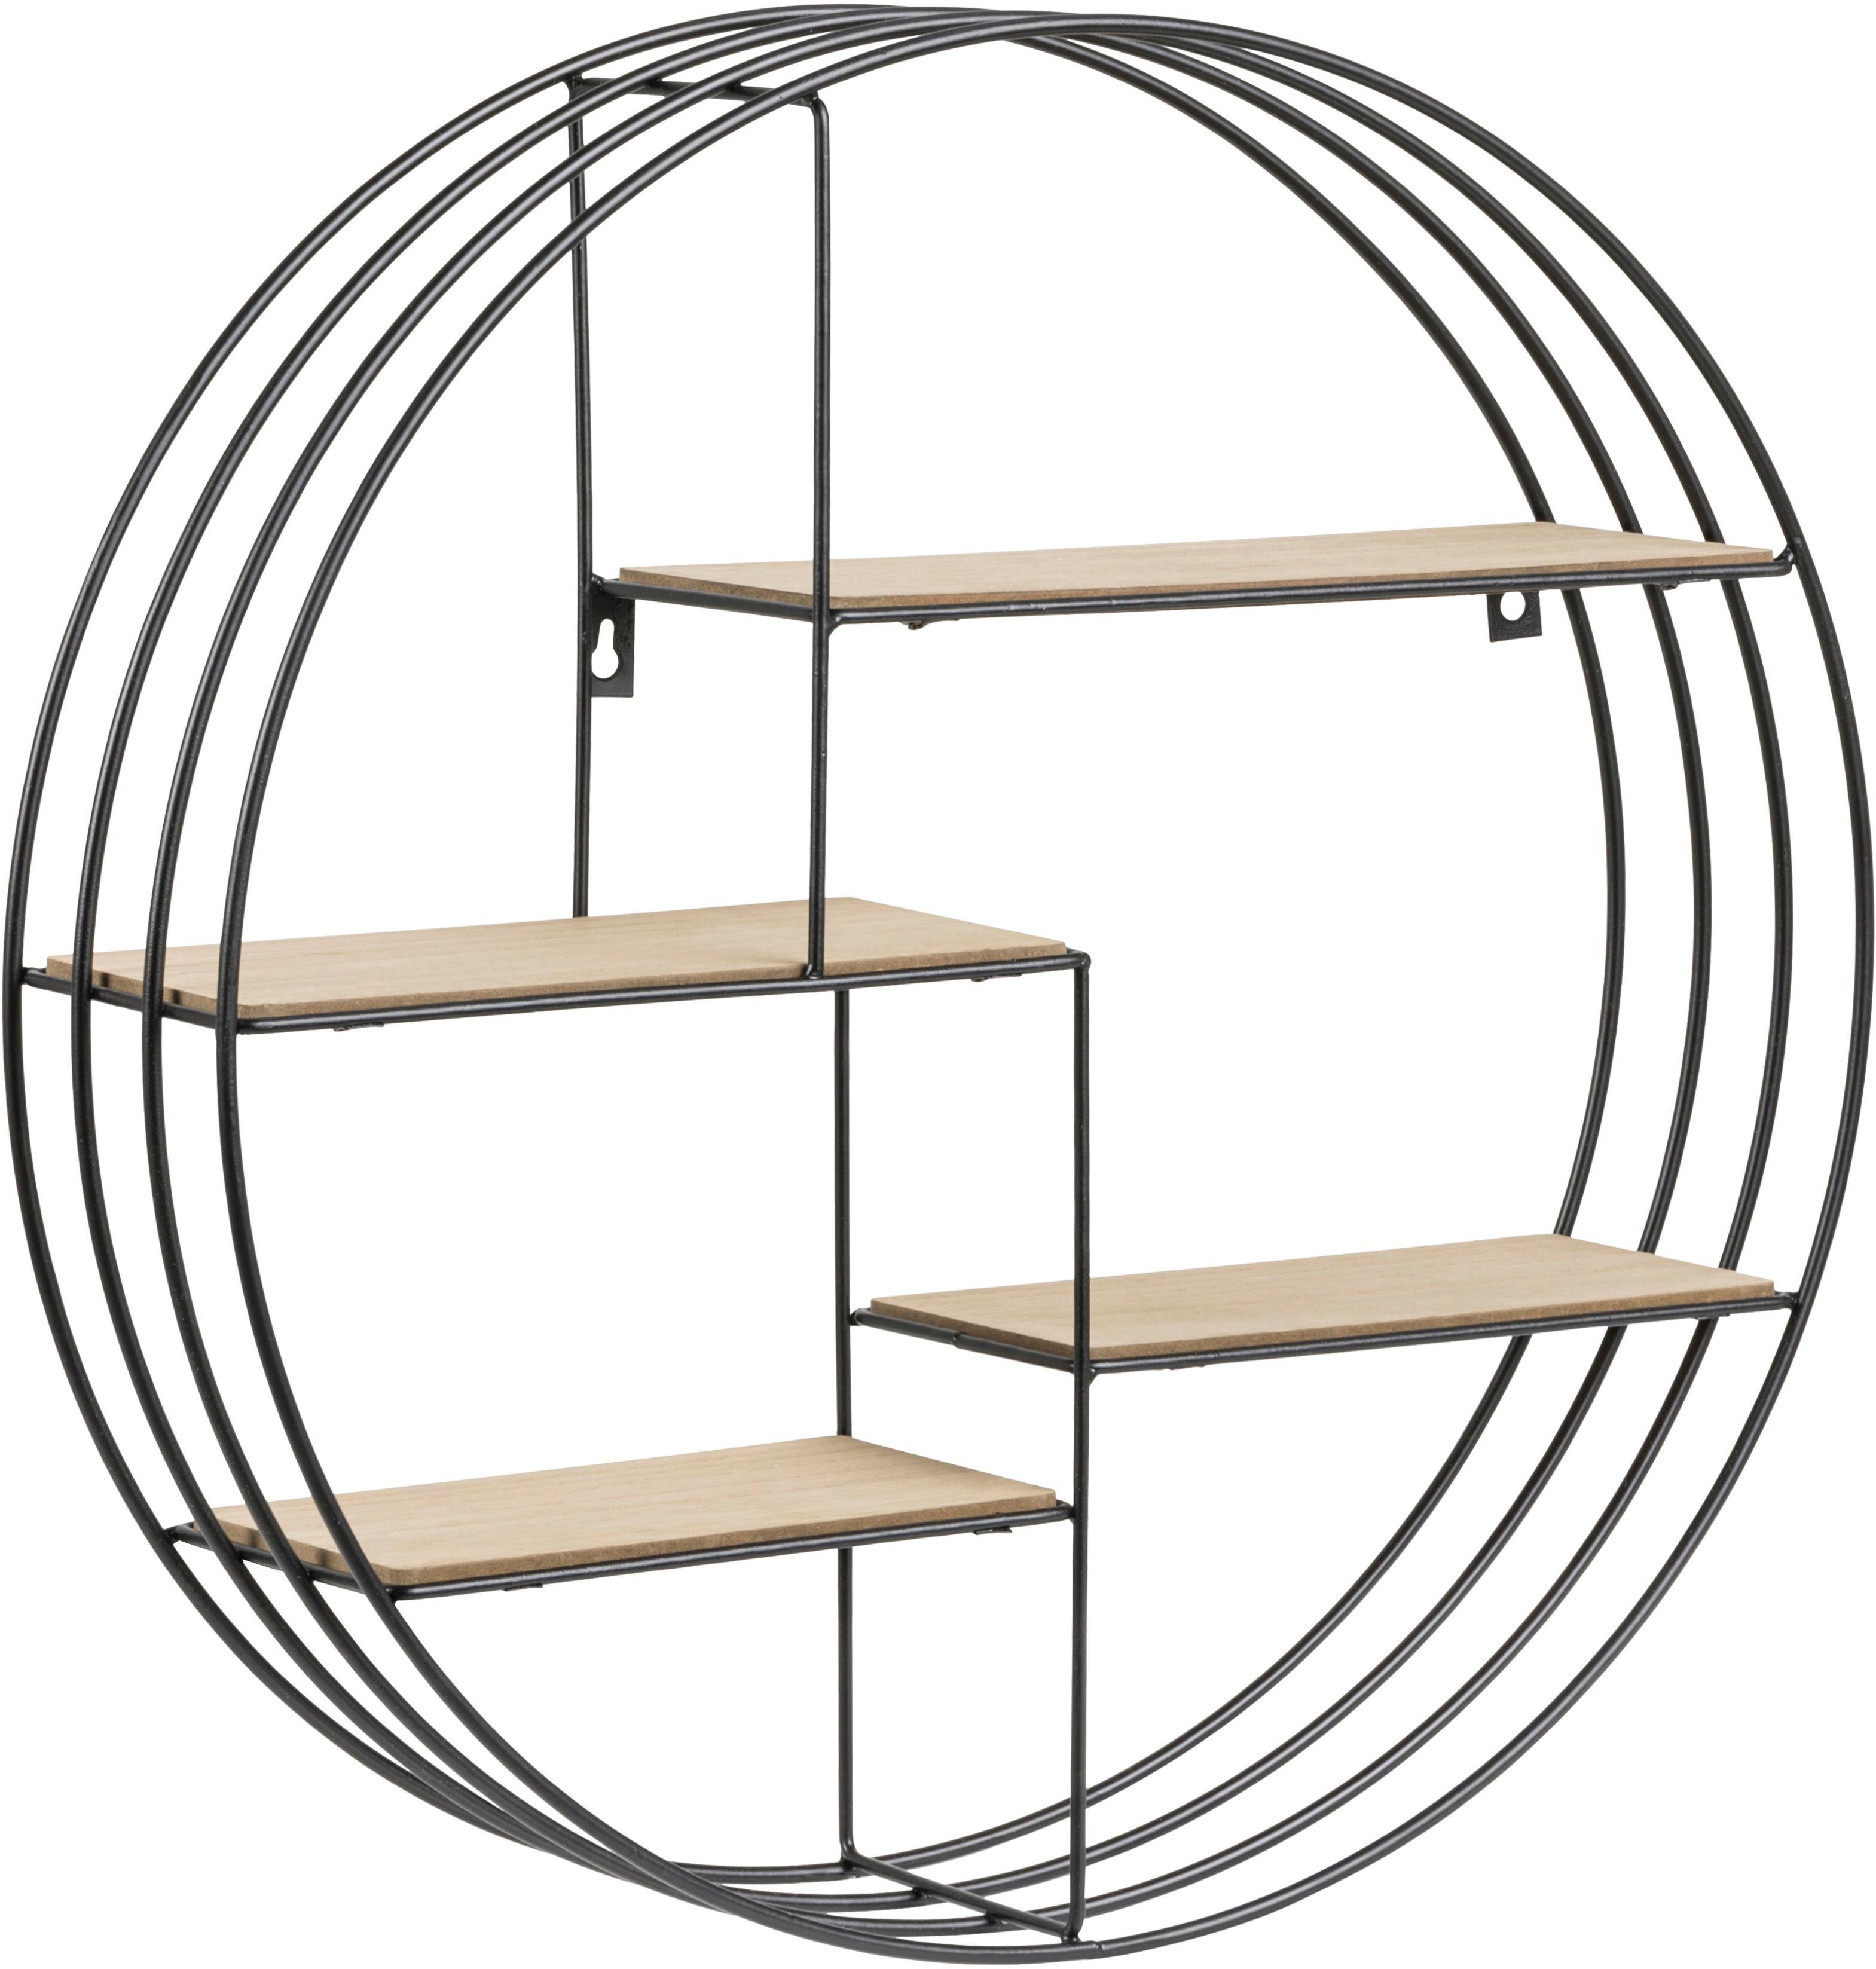 Libreria rotonda da parete Darkenberg, Struttura: metallo, Ripiani: Paulownia, Nero, Ø 45 cm